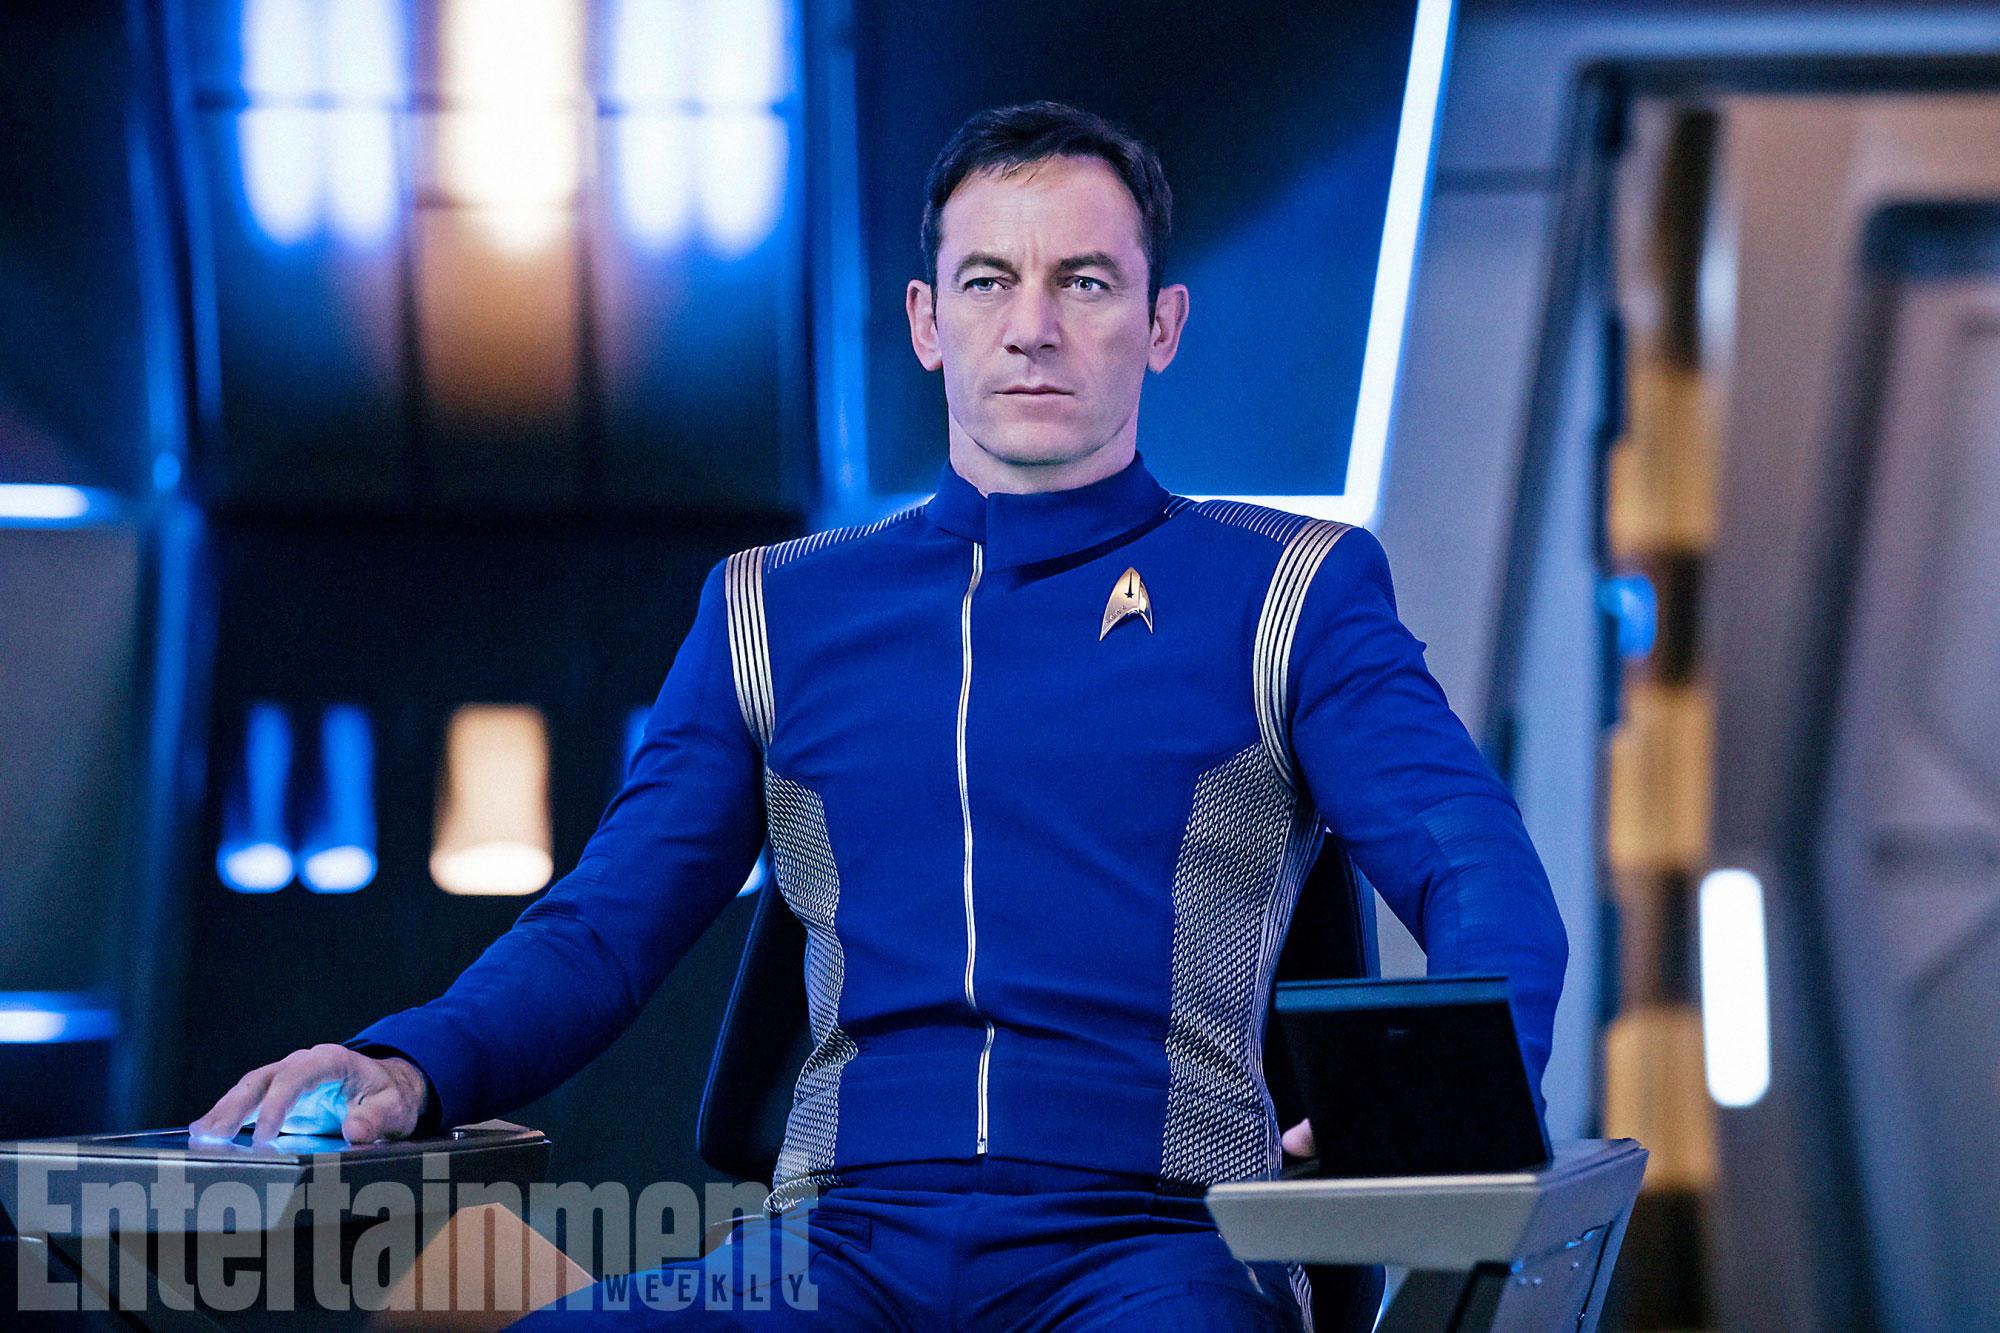 Star Trek Discovery Jonathan Frakes Bild 3